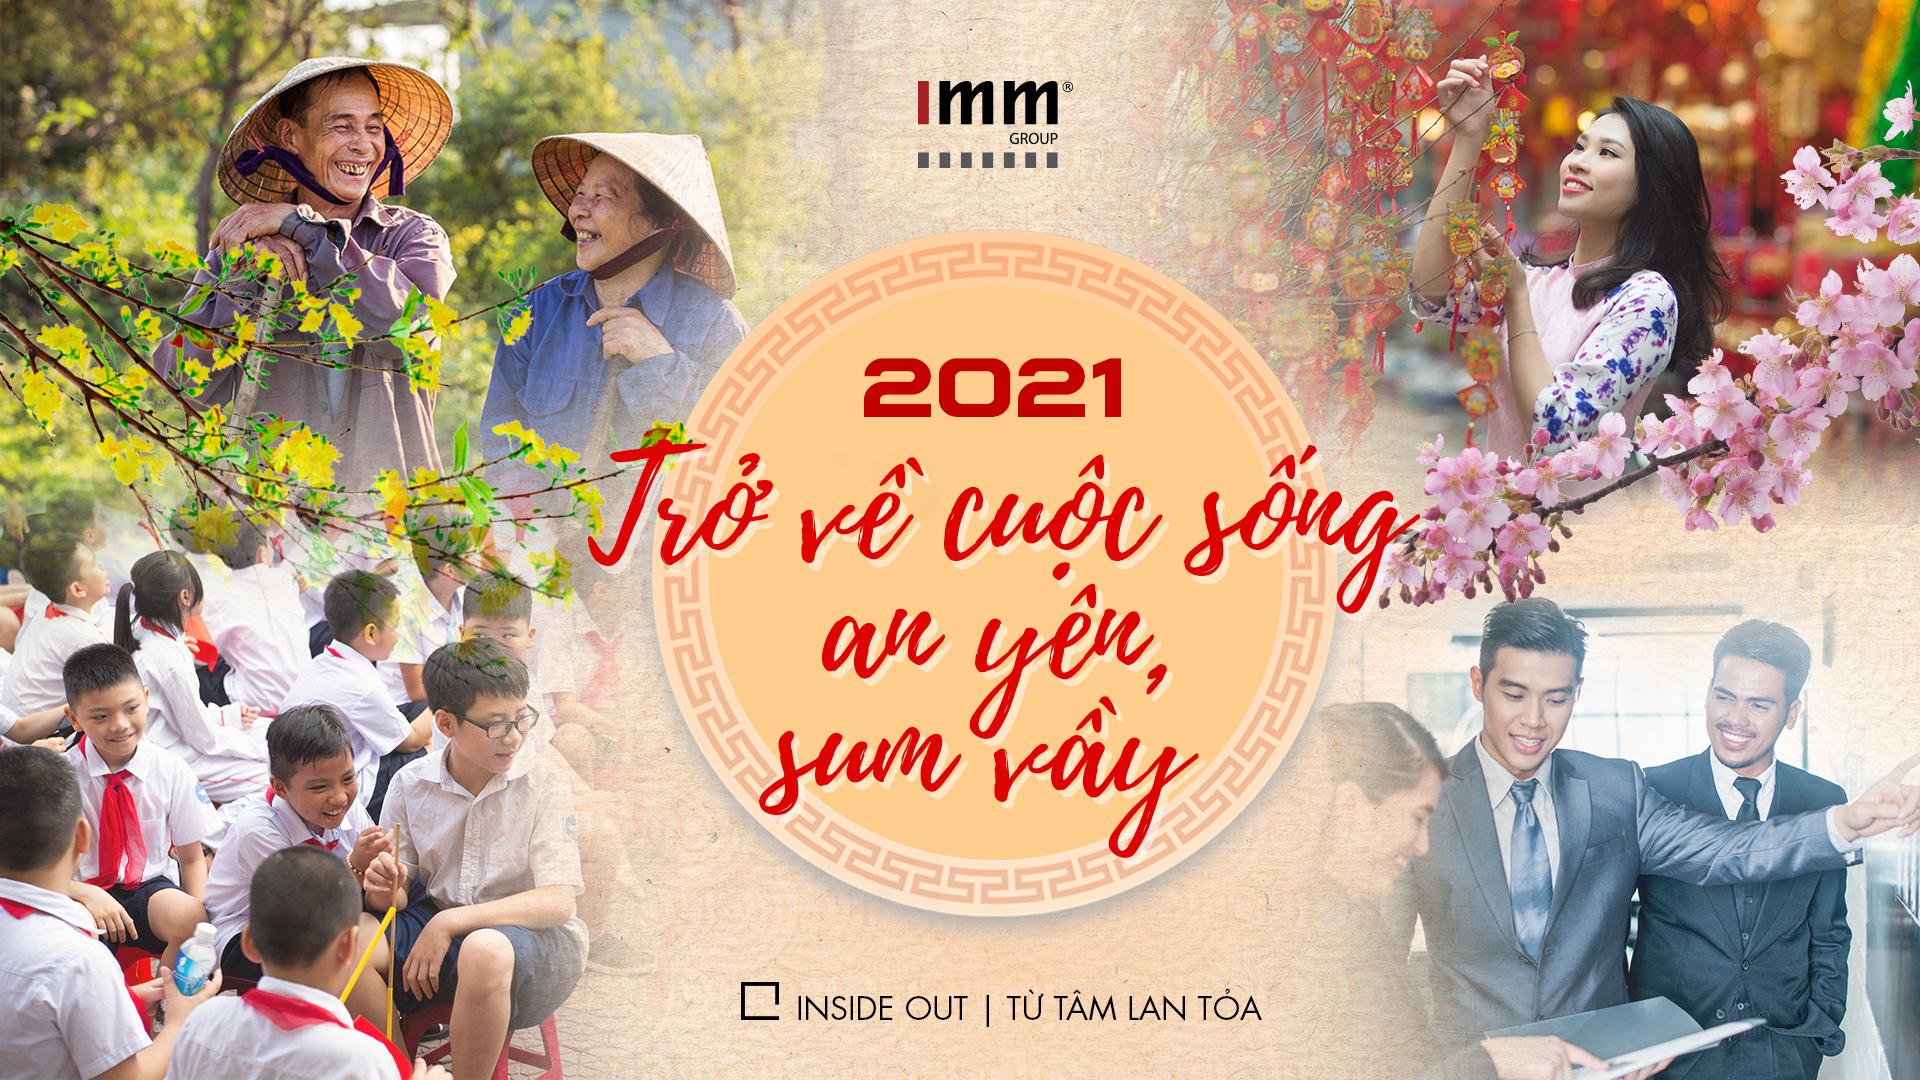 2021 – Trở về với cuộc sống an yên, sum vầy